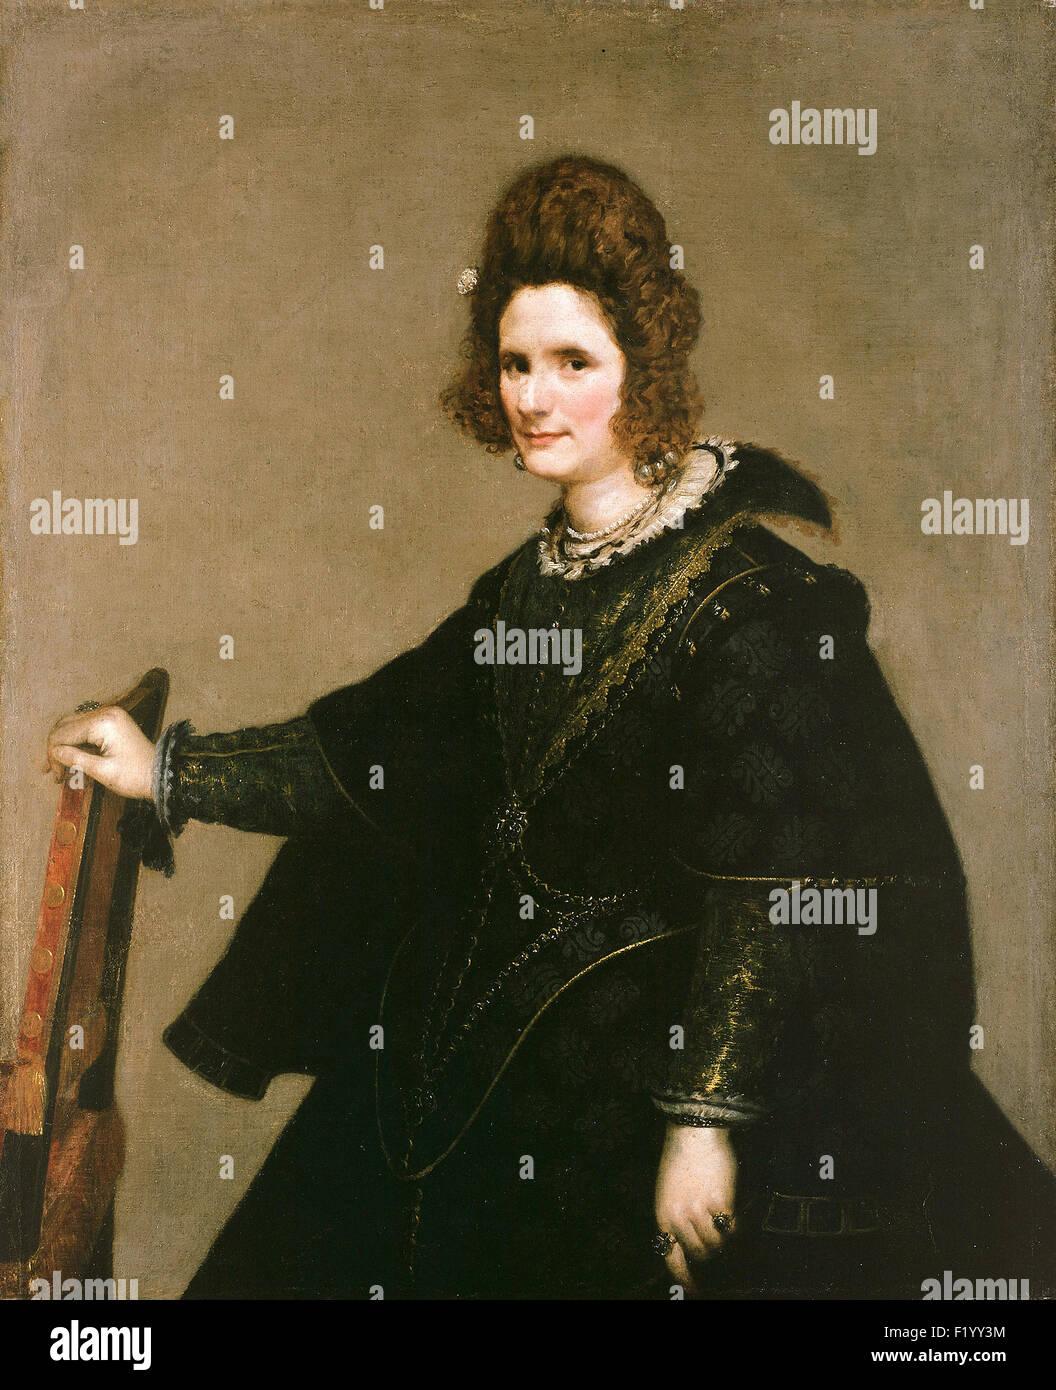 Diego Velázquez - Retrato de una dama Imagen De Stock